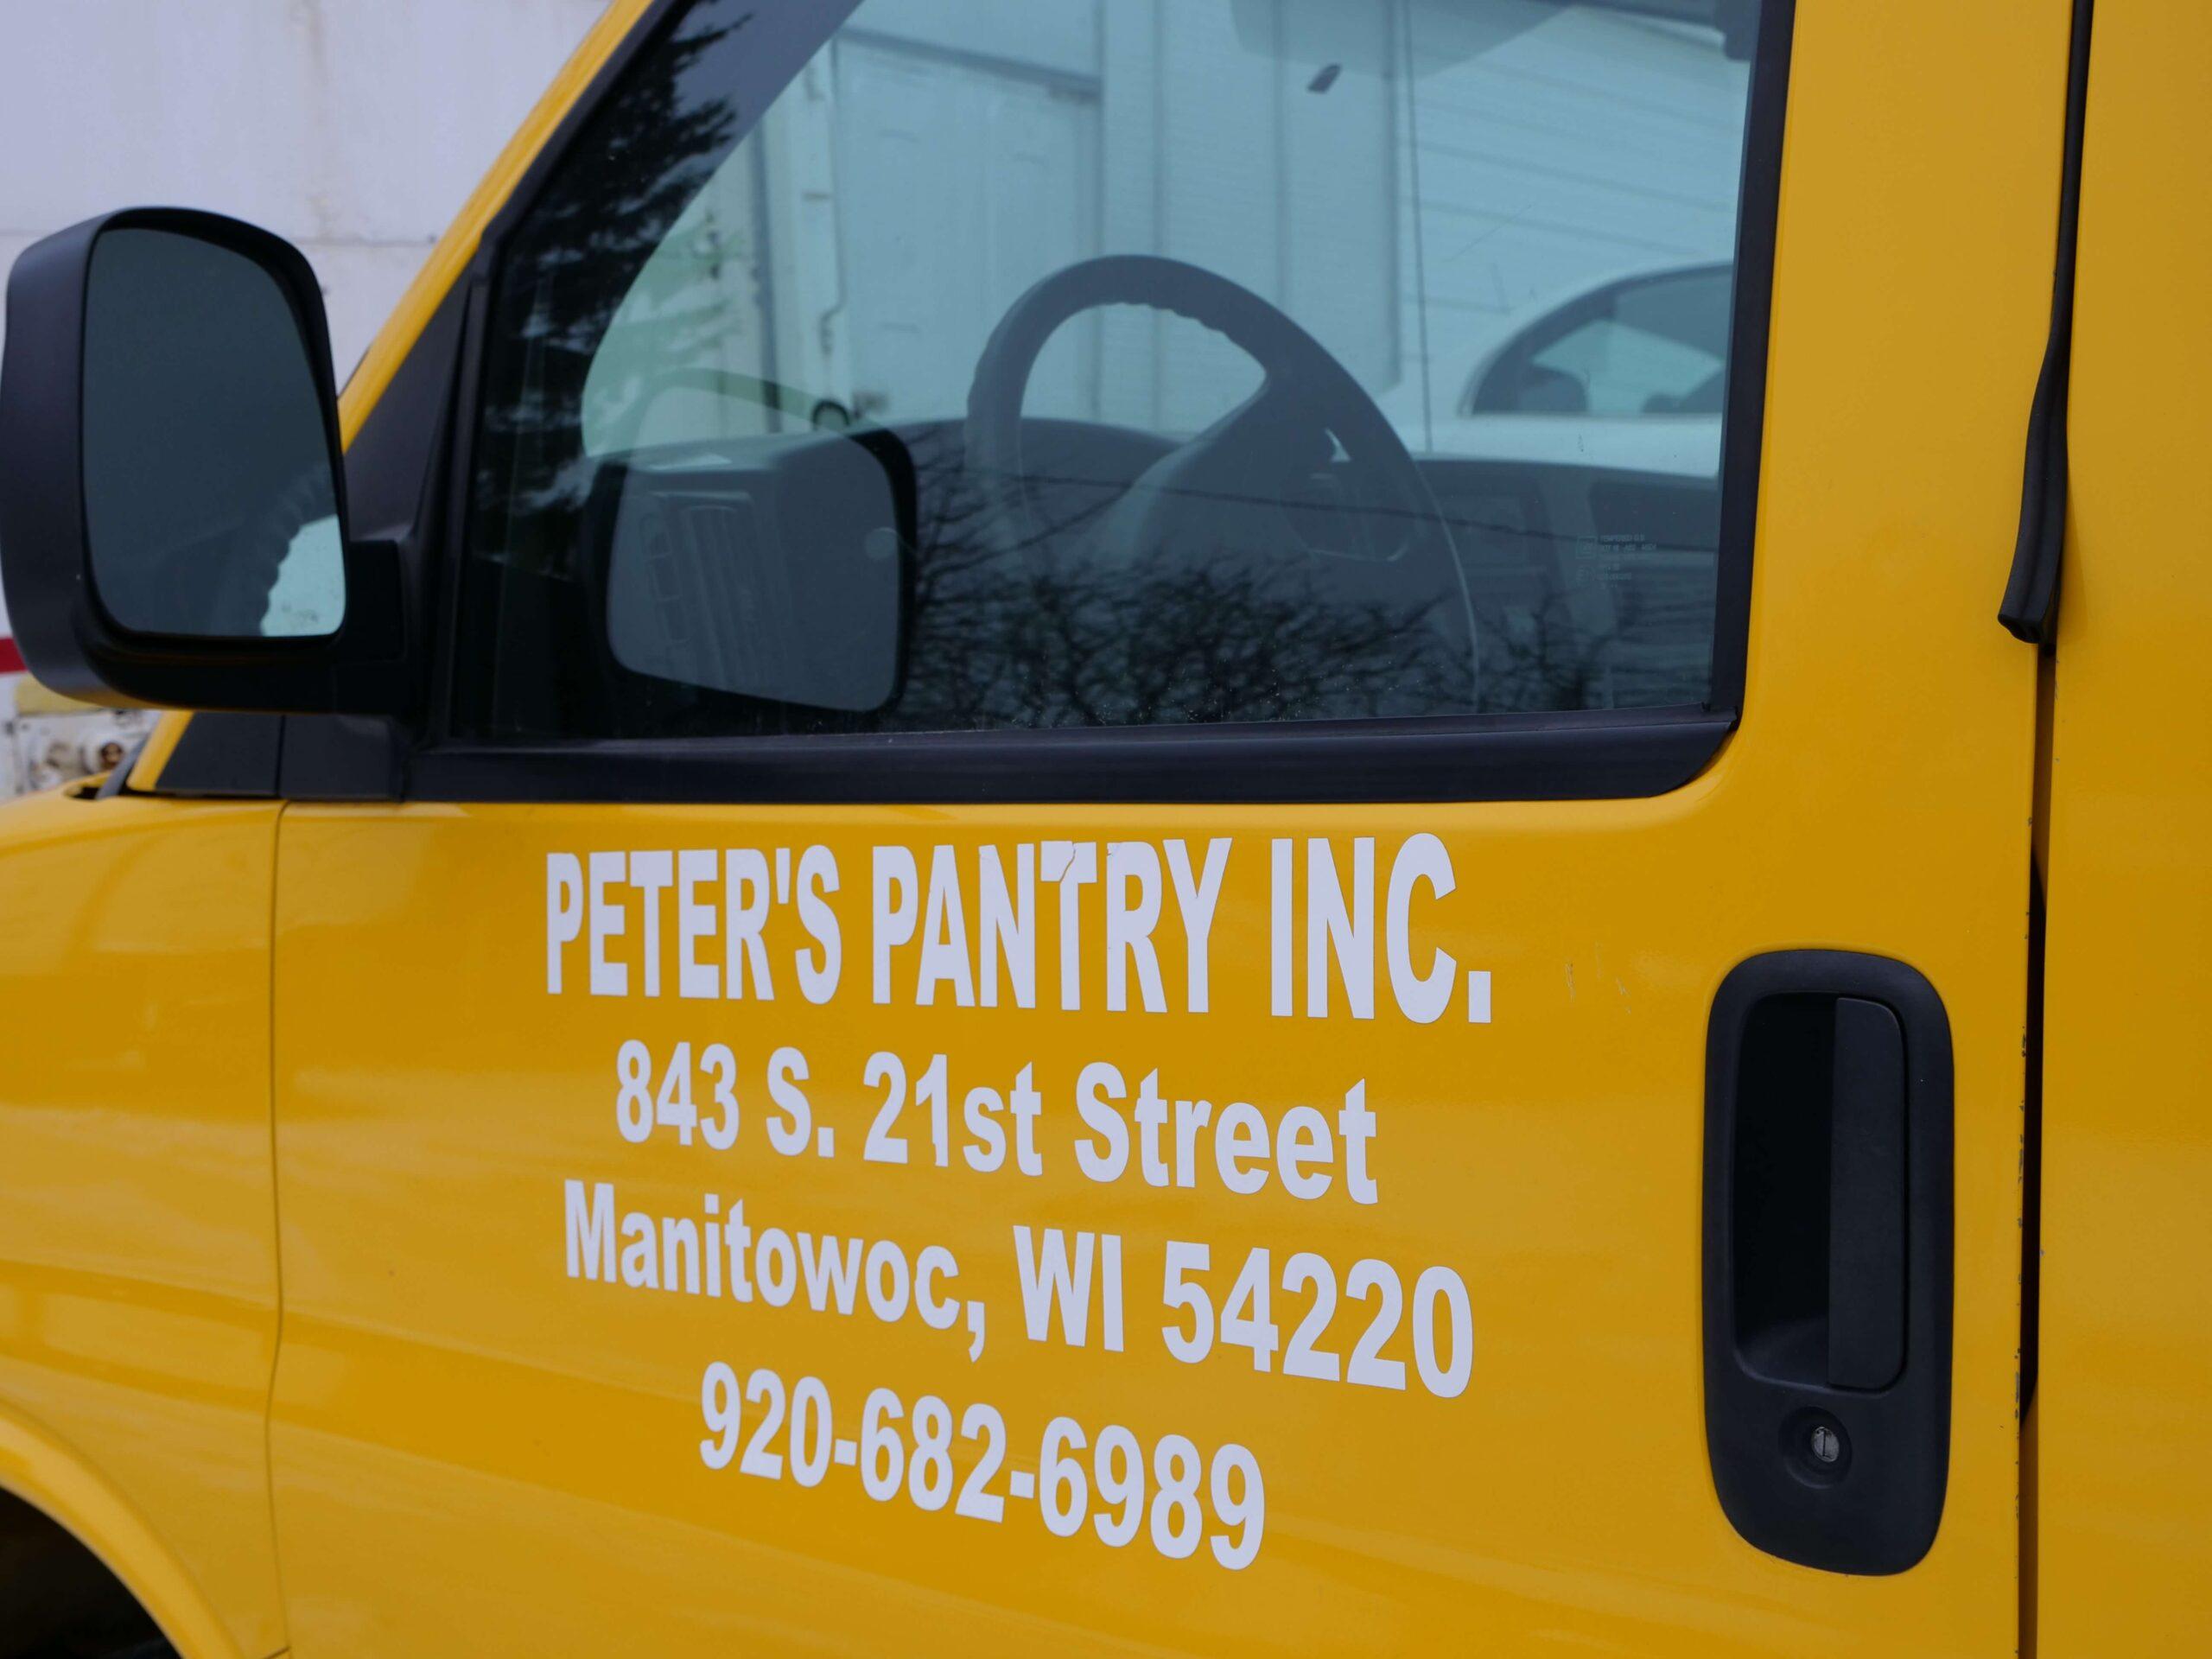 Peters Pantry Food Truck